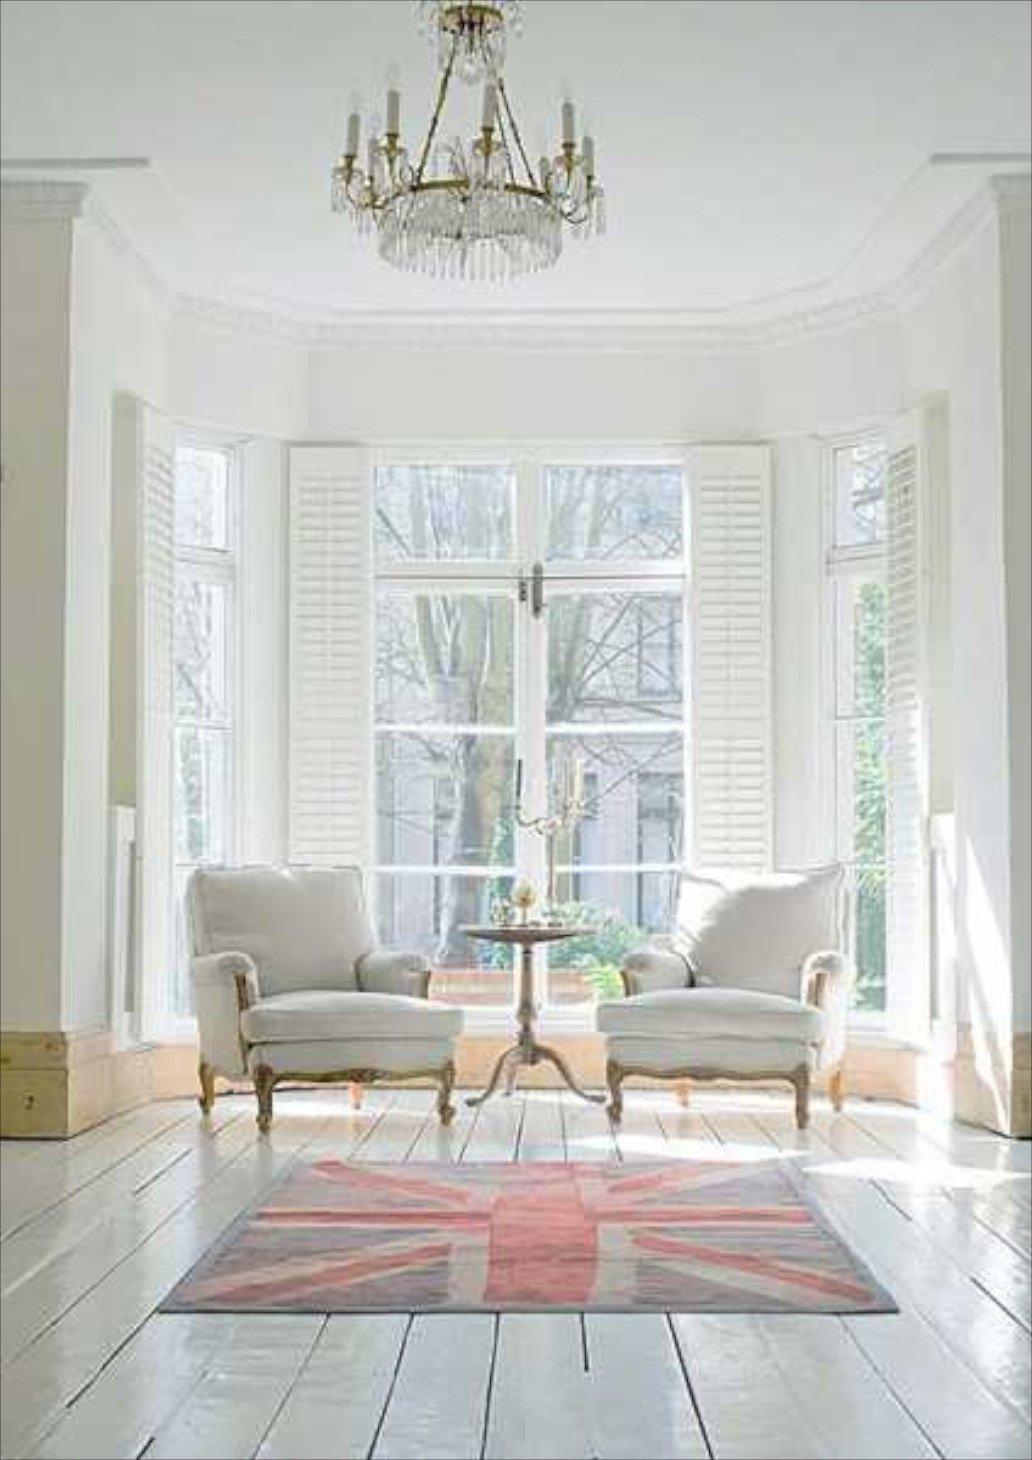 Blue and White Decor Ideas Lovely 28 Modern Home Decor Ideas British Flag Blue Red White Color Bination 16 Whg